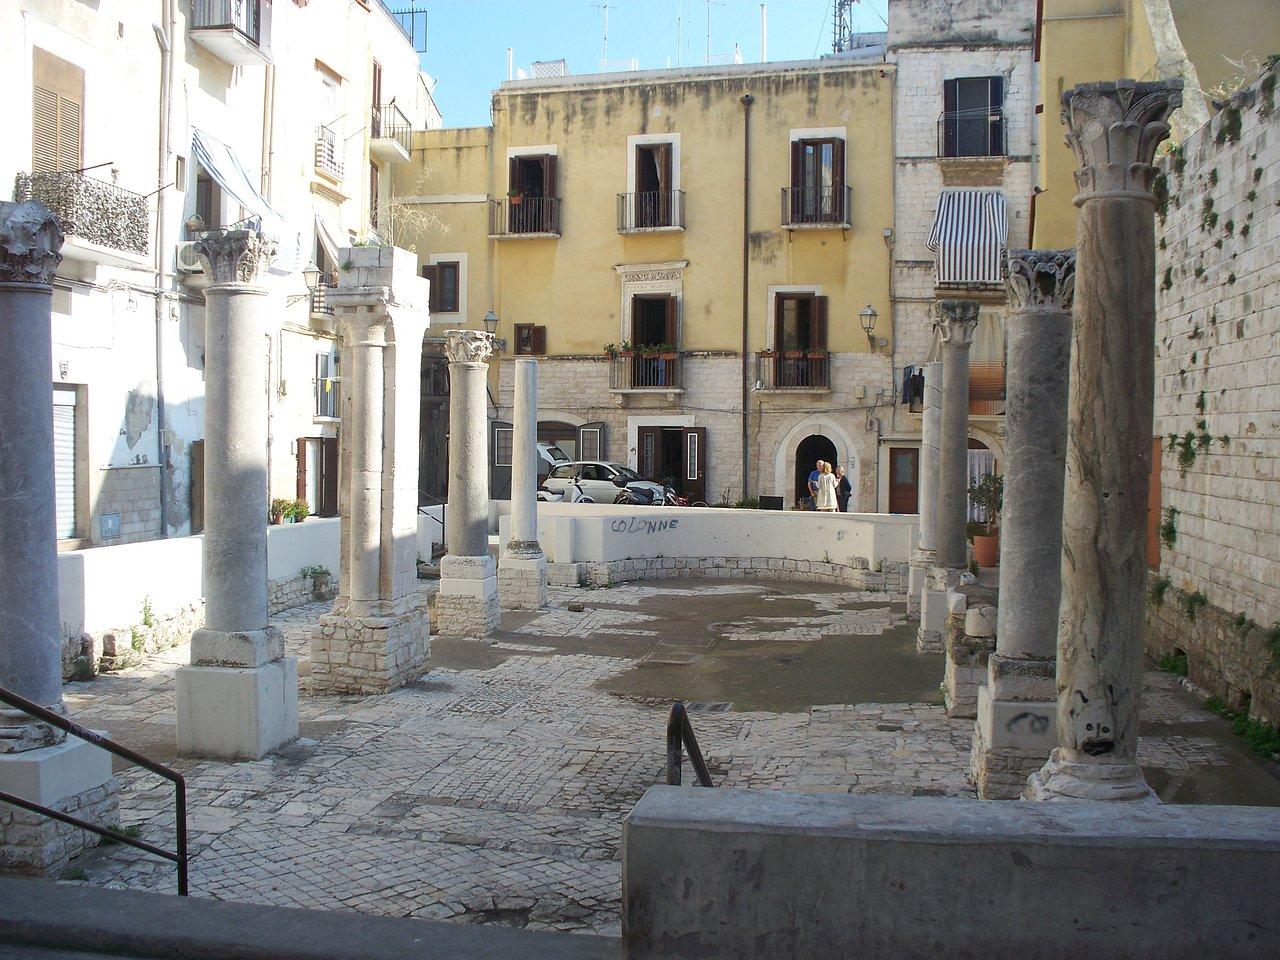 Piazzetta Santa Maria del Buon Consiglio (Bari) - Tripadvisor